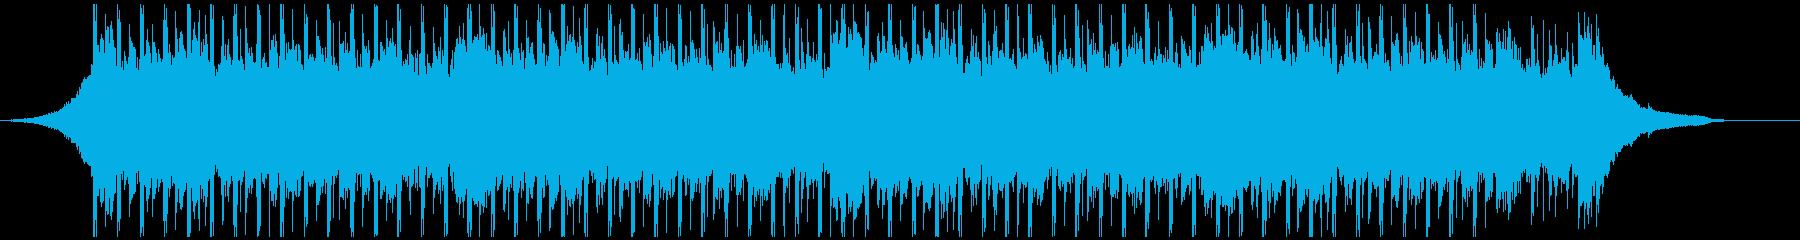 モダンコーポレーション(38秒)の再生済みの波形